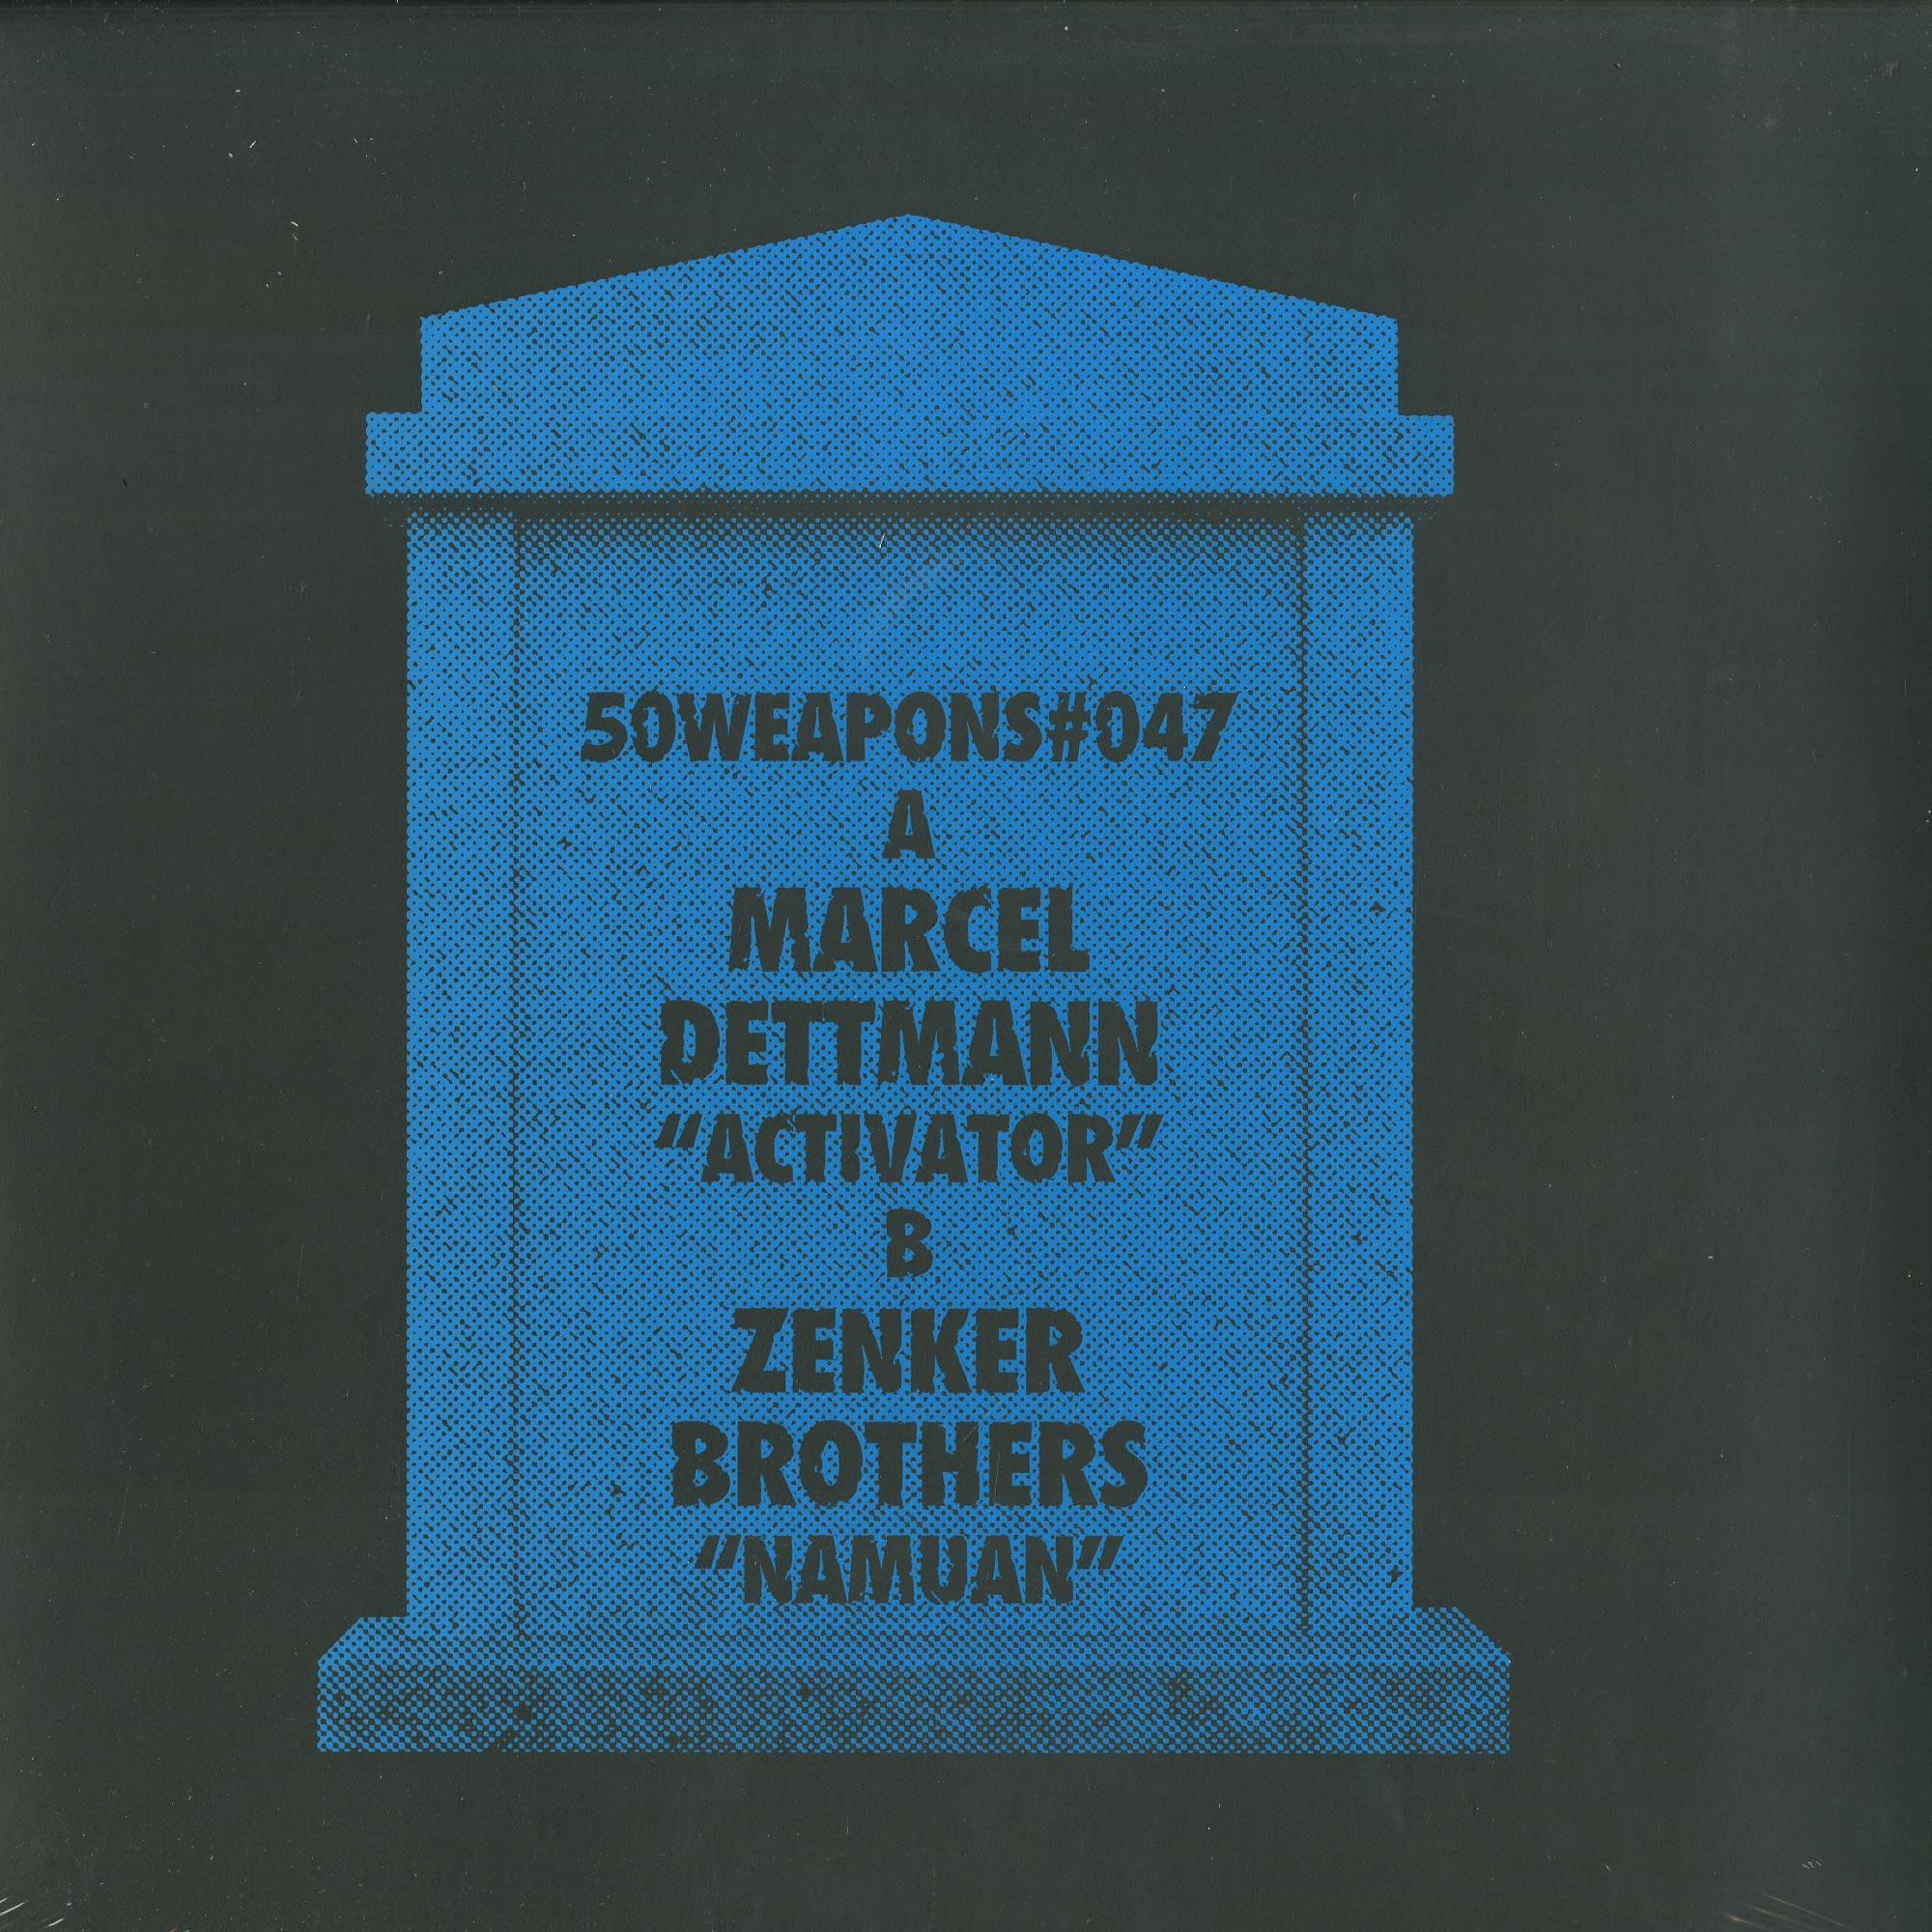 Marcel Dettmann / Zenker Brothers - ACTIVATOR / NAMUAN